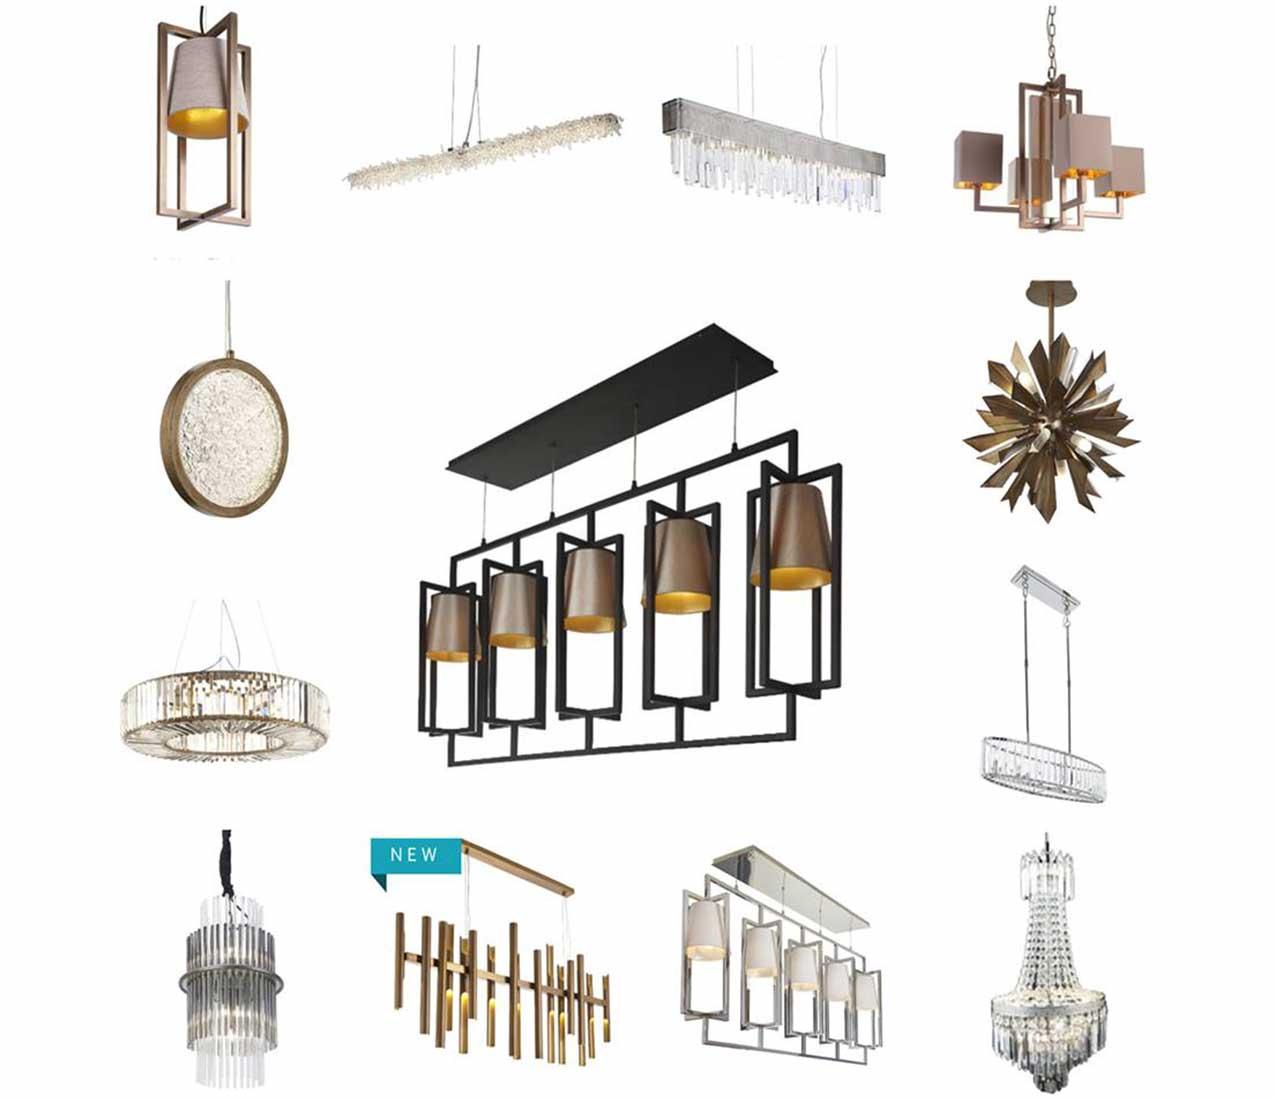 DKB-Mirrors-lighting-placeholder